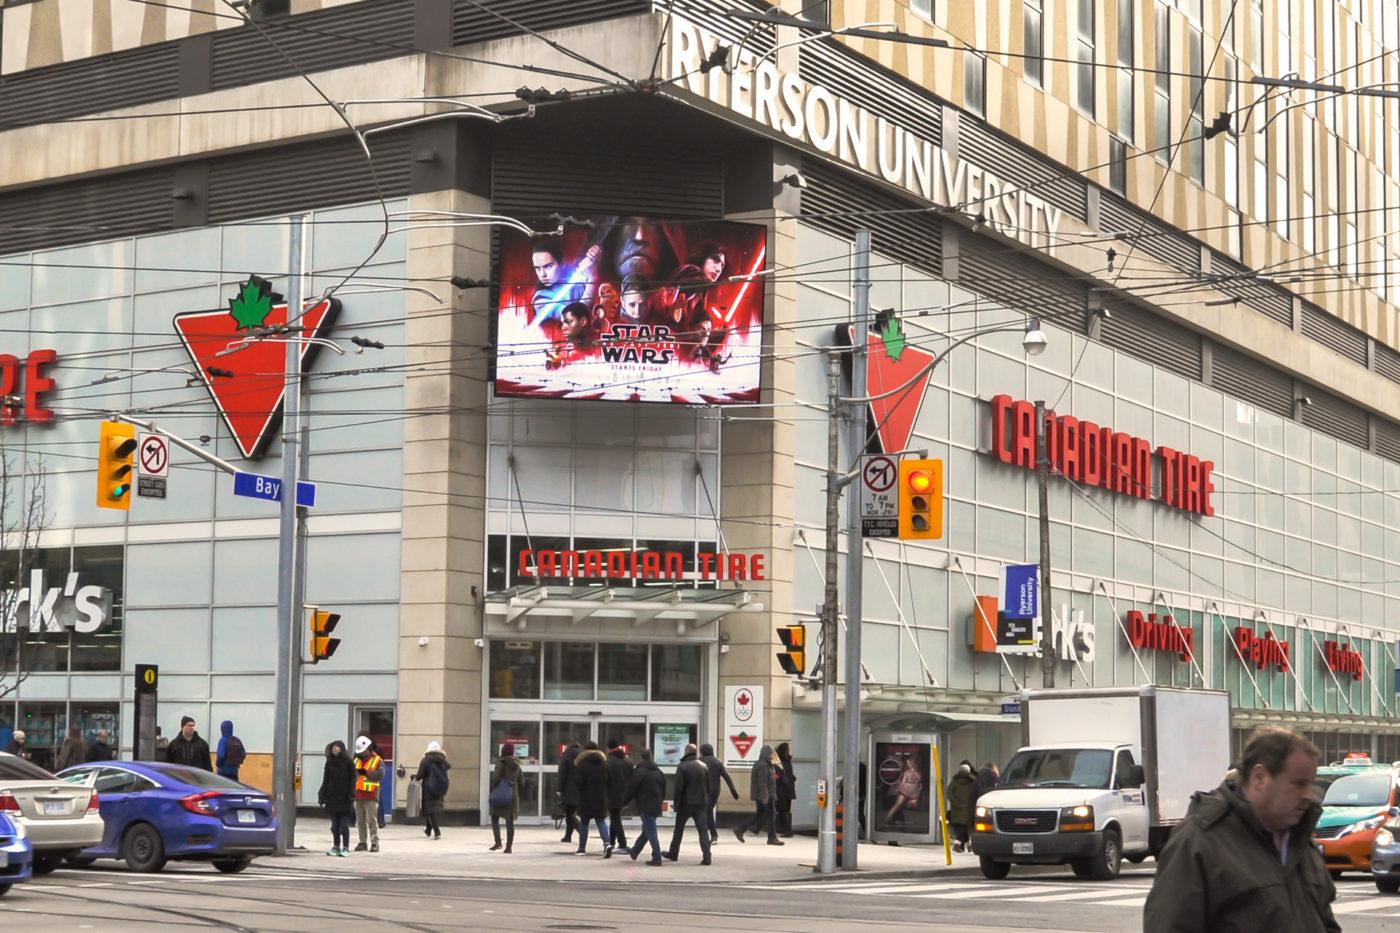 Star Wars - Centres commerciaux– CF Toronto Eaton Centre- panneau numérique de Bay et Dundas– affichage extérieur (Toronto, Ontario)